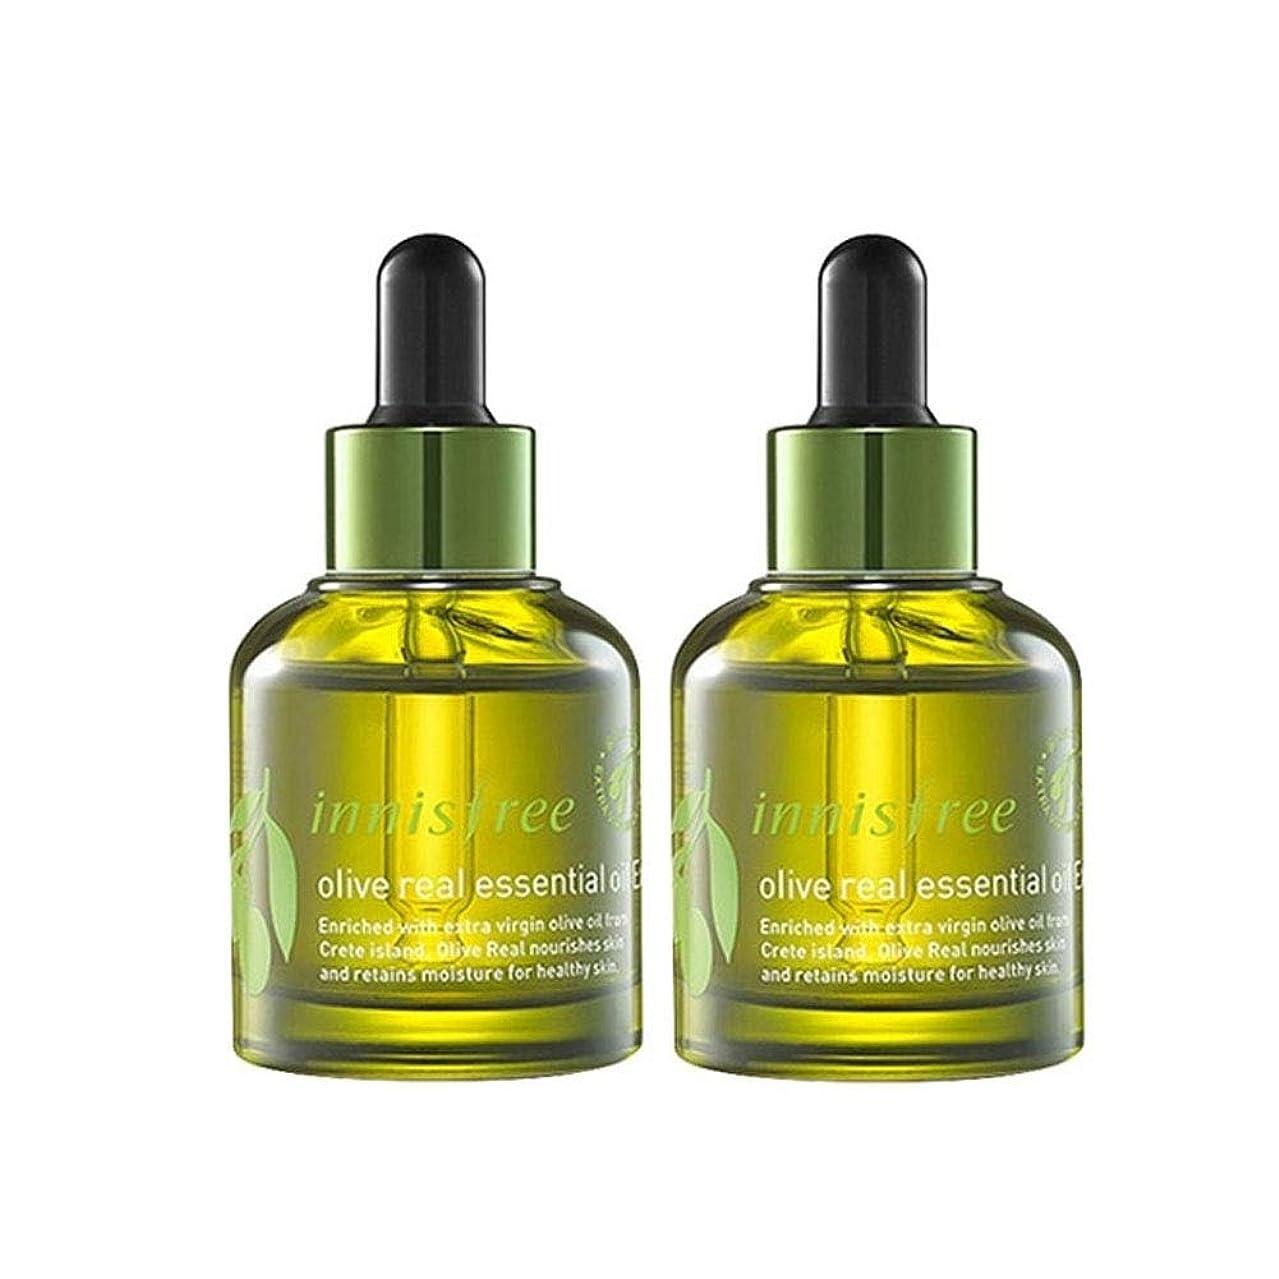 増強気づかないトーンイニスフリーオリーブリアルエッセンシャルオイルEx。 30ml x 2本セット保湿エッセンシャルオイル韓国コスメ、innisfree Olive Real Essential Oil Ex。 30ml x 2ea Set Korean Cosmetics [並行輸入品]